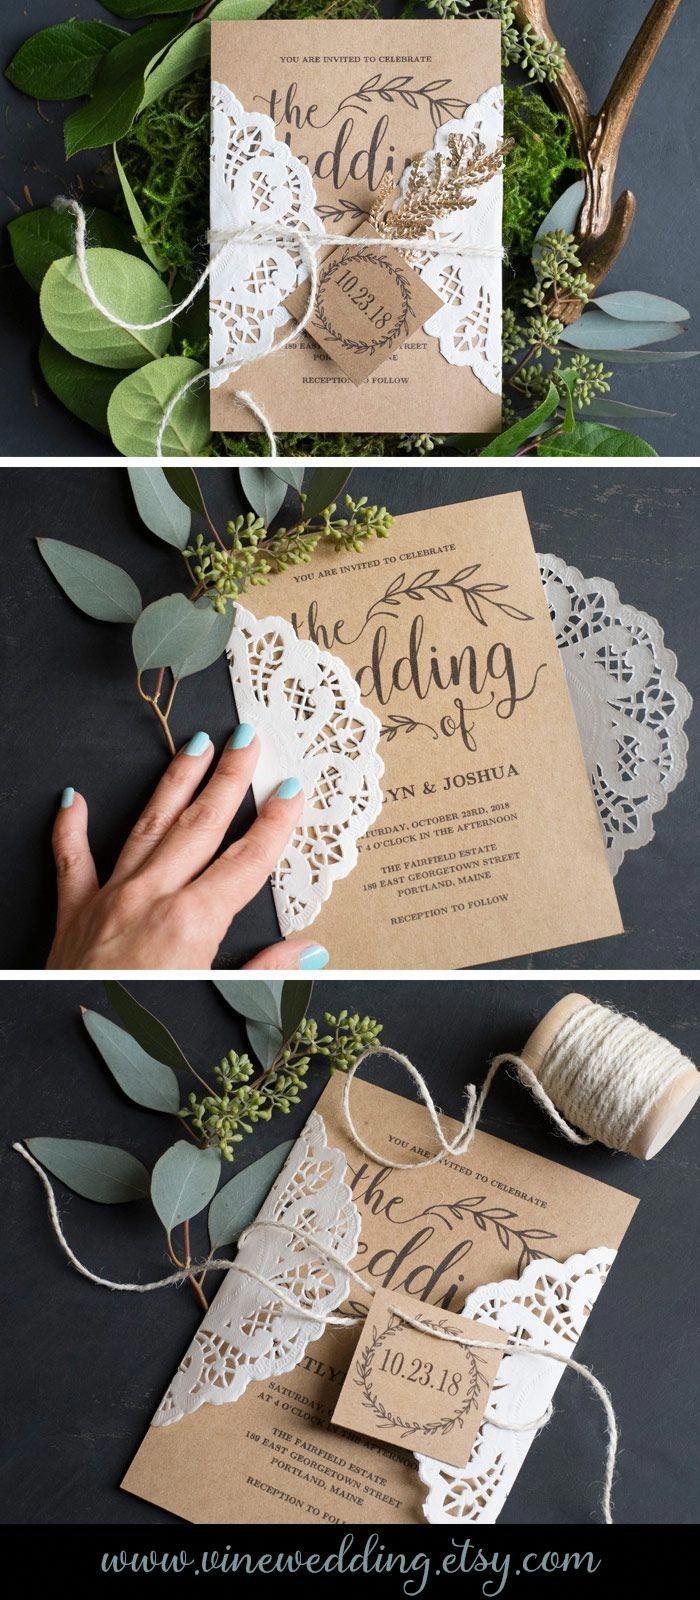 Einzigartige Hochzeitsideen auf einem Etat